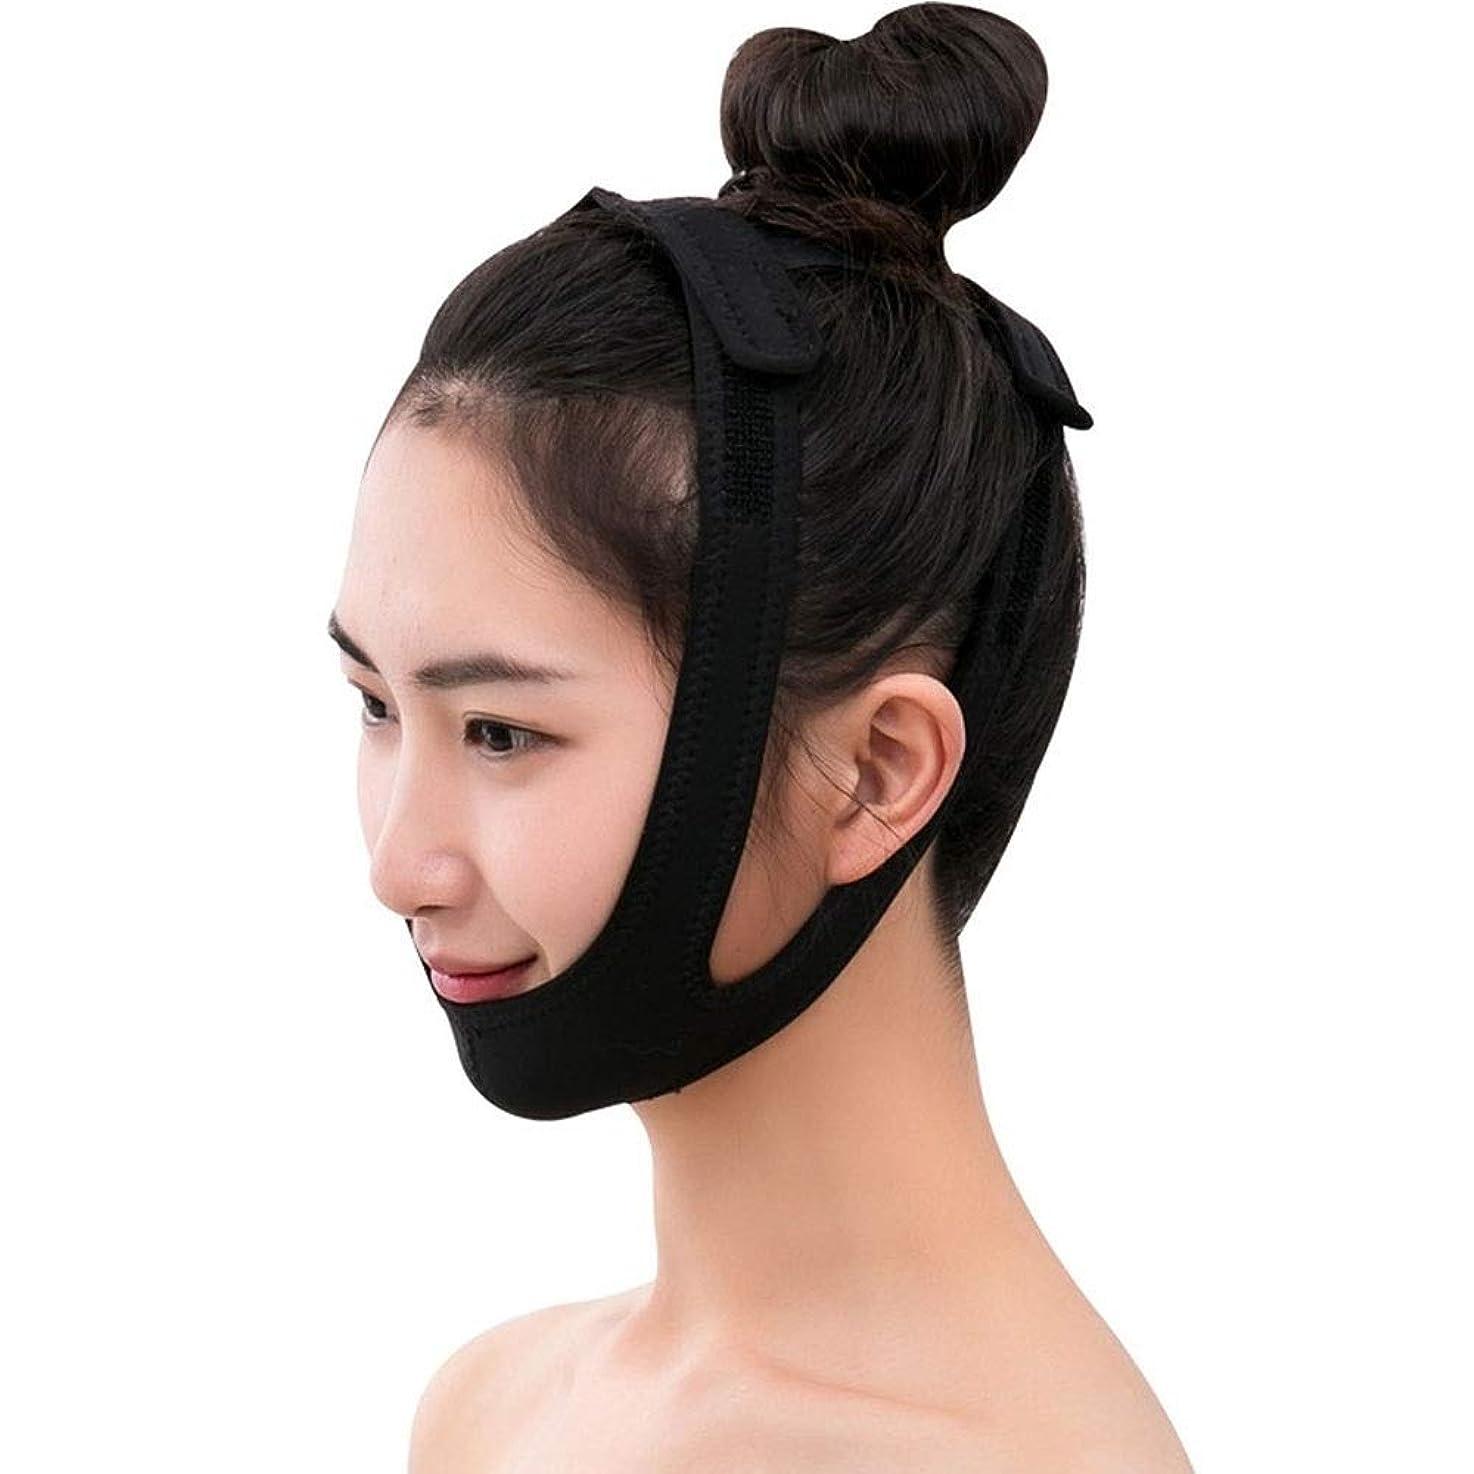 を除く層関数Jia Jia- 強力なフェイスリフトアーチファクト術後回復ライン彫刻フェイシャルリフト睡眠リフティングフェイス引き締めVフェイス包帯 - 黒 顔面包帯